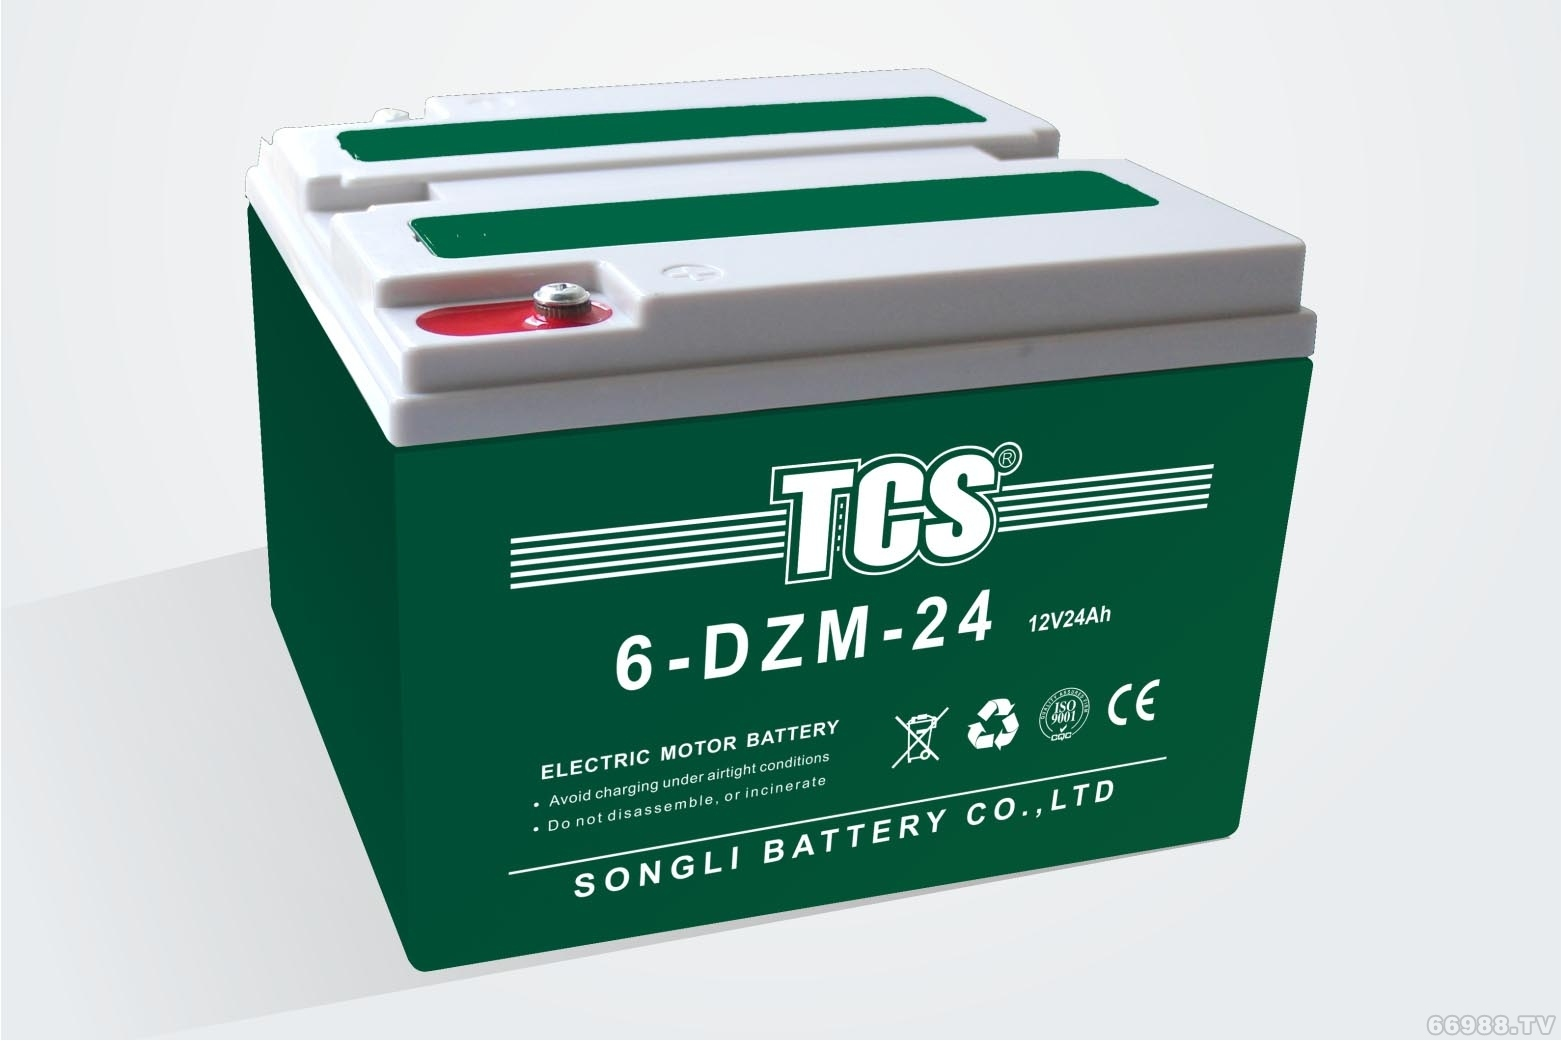 松立电动车电池TCS 6-DZM-24